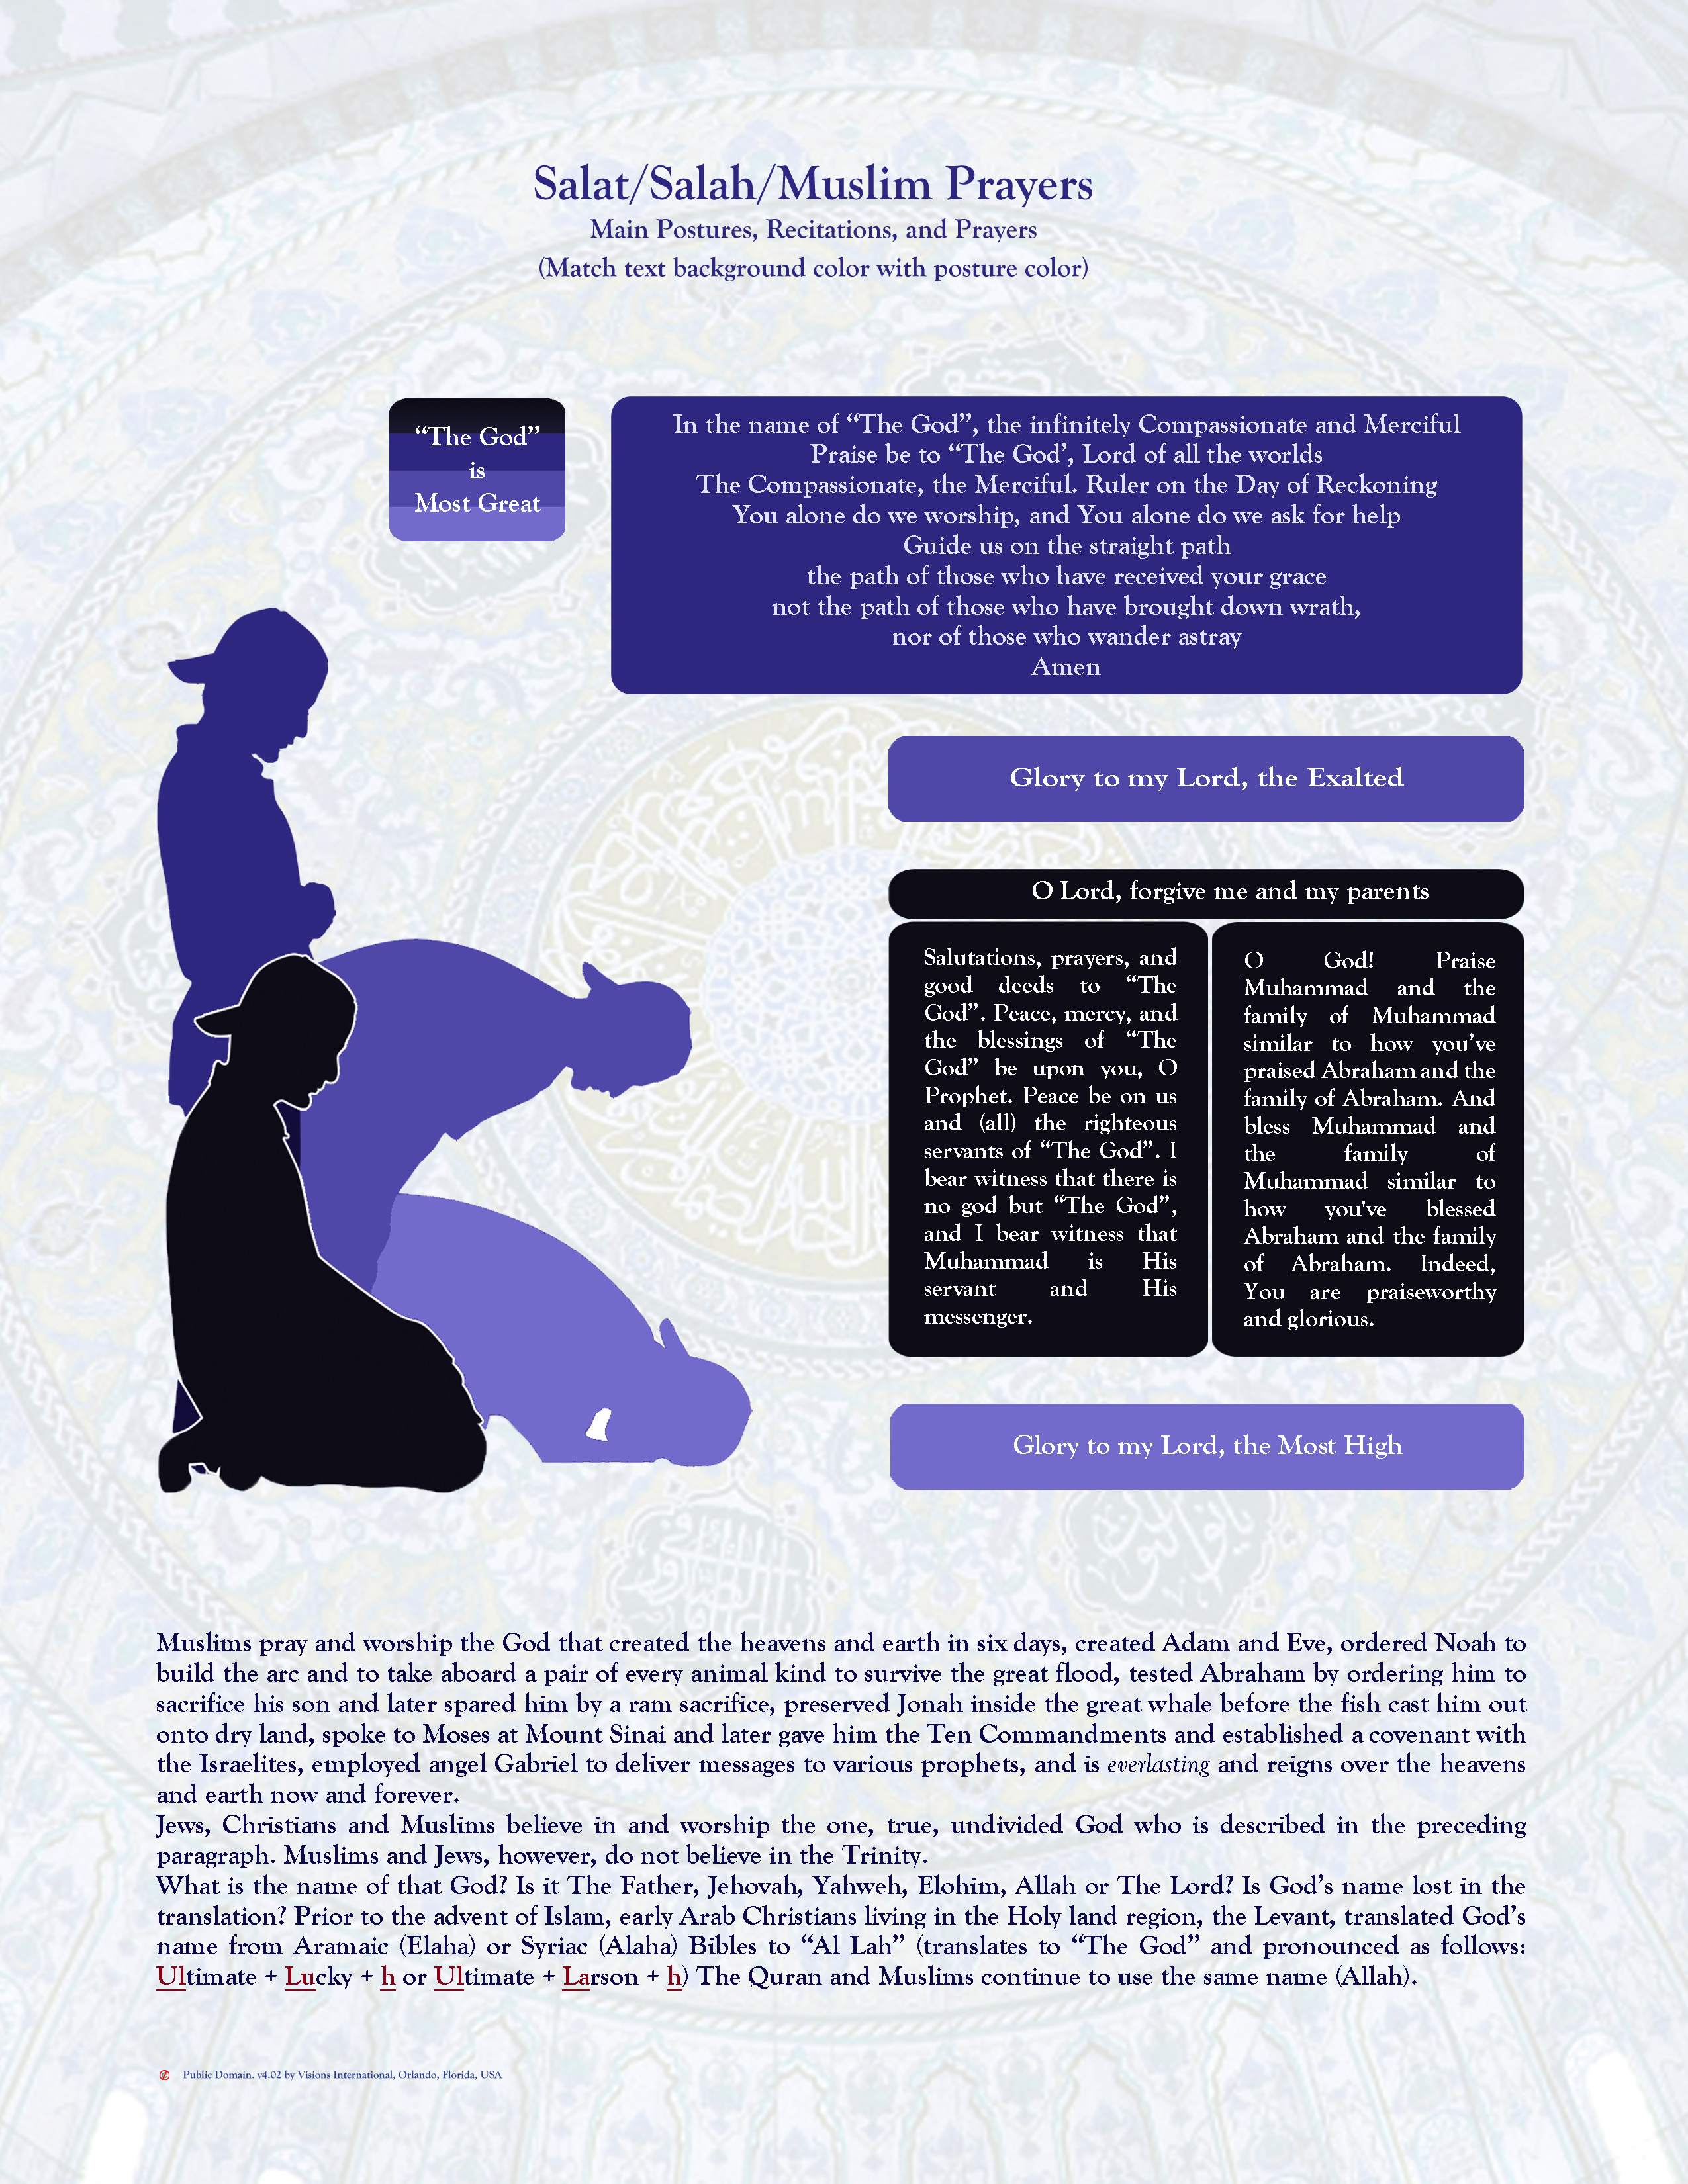 File Salat Salah Muslim Prayer